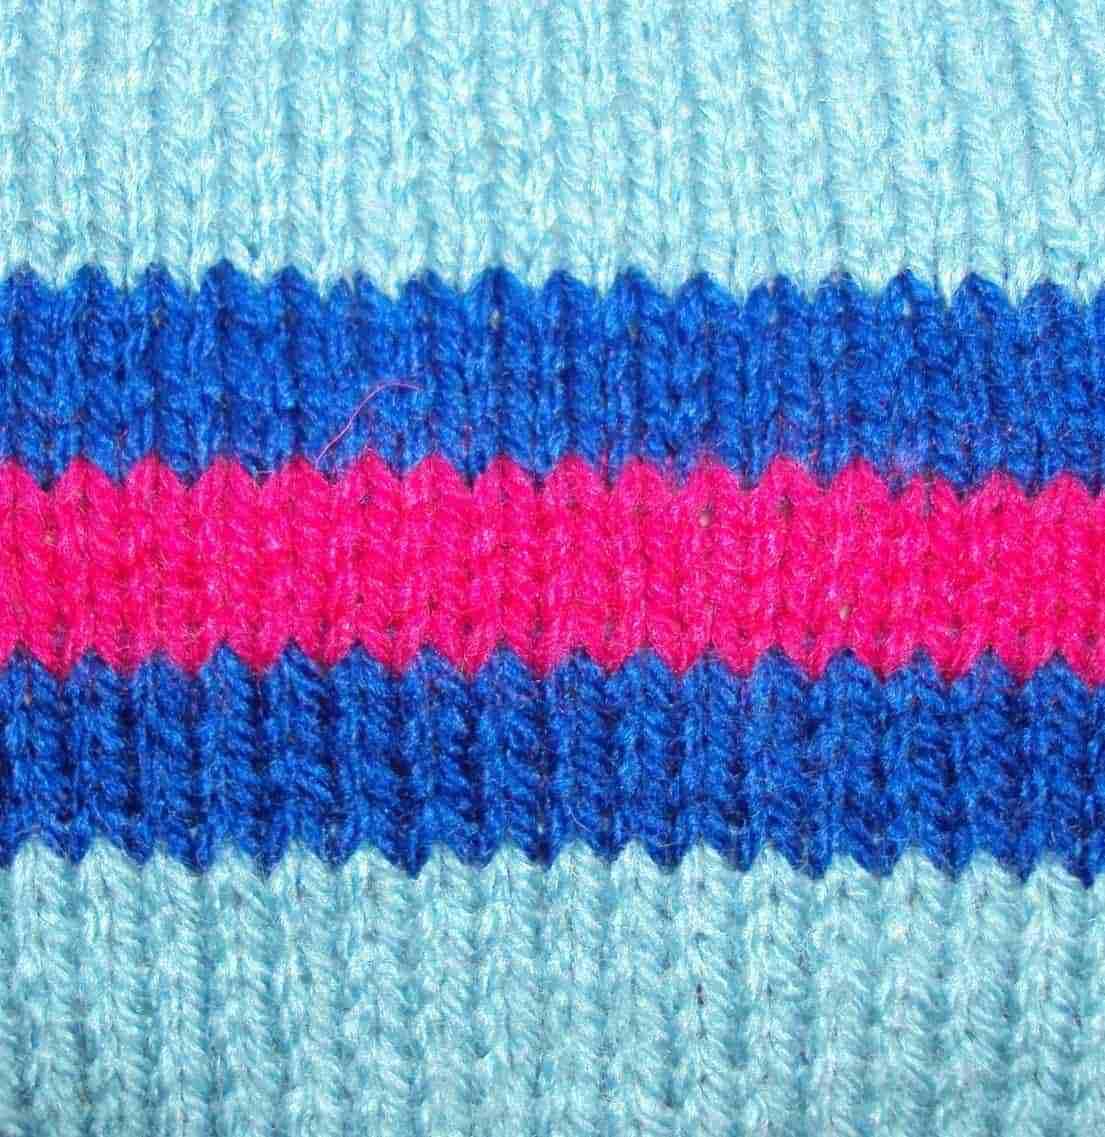 Basic Knitting Image